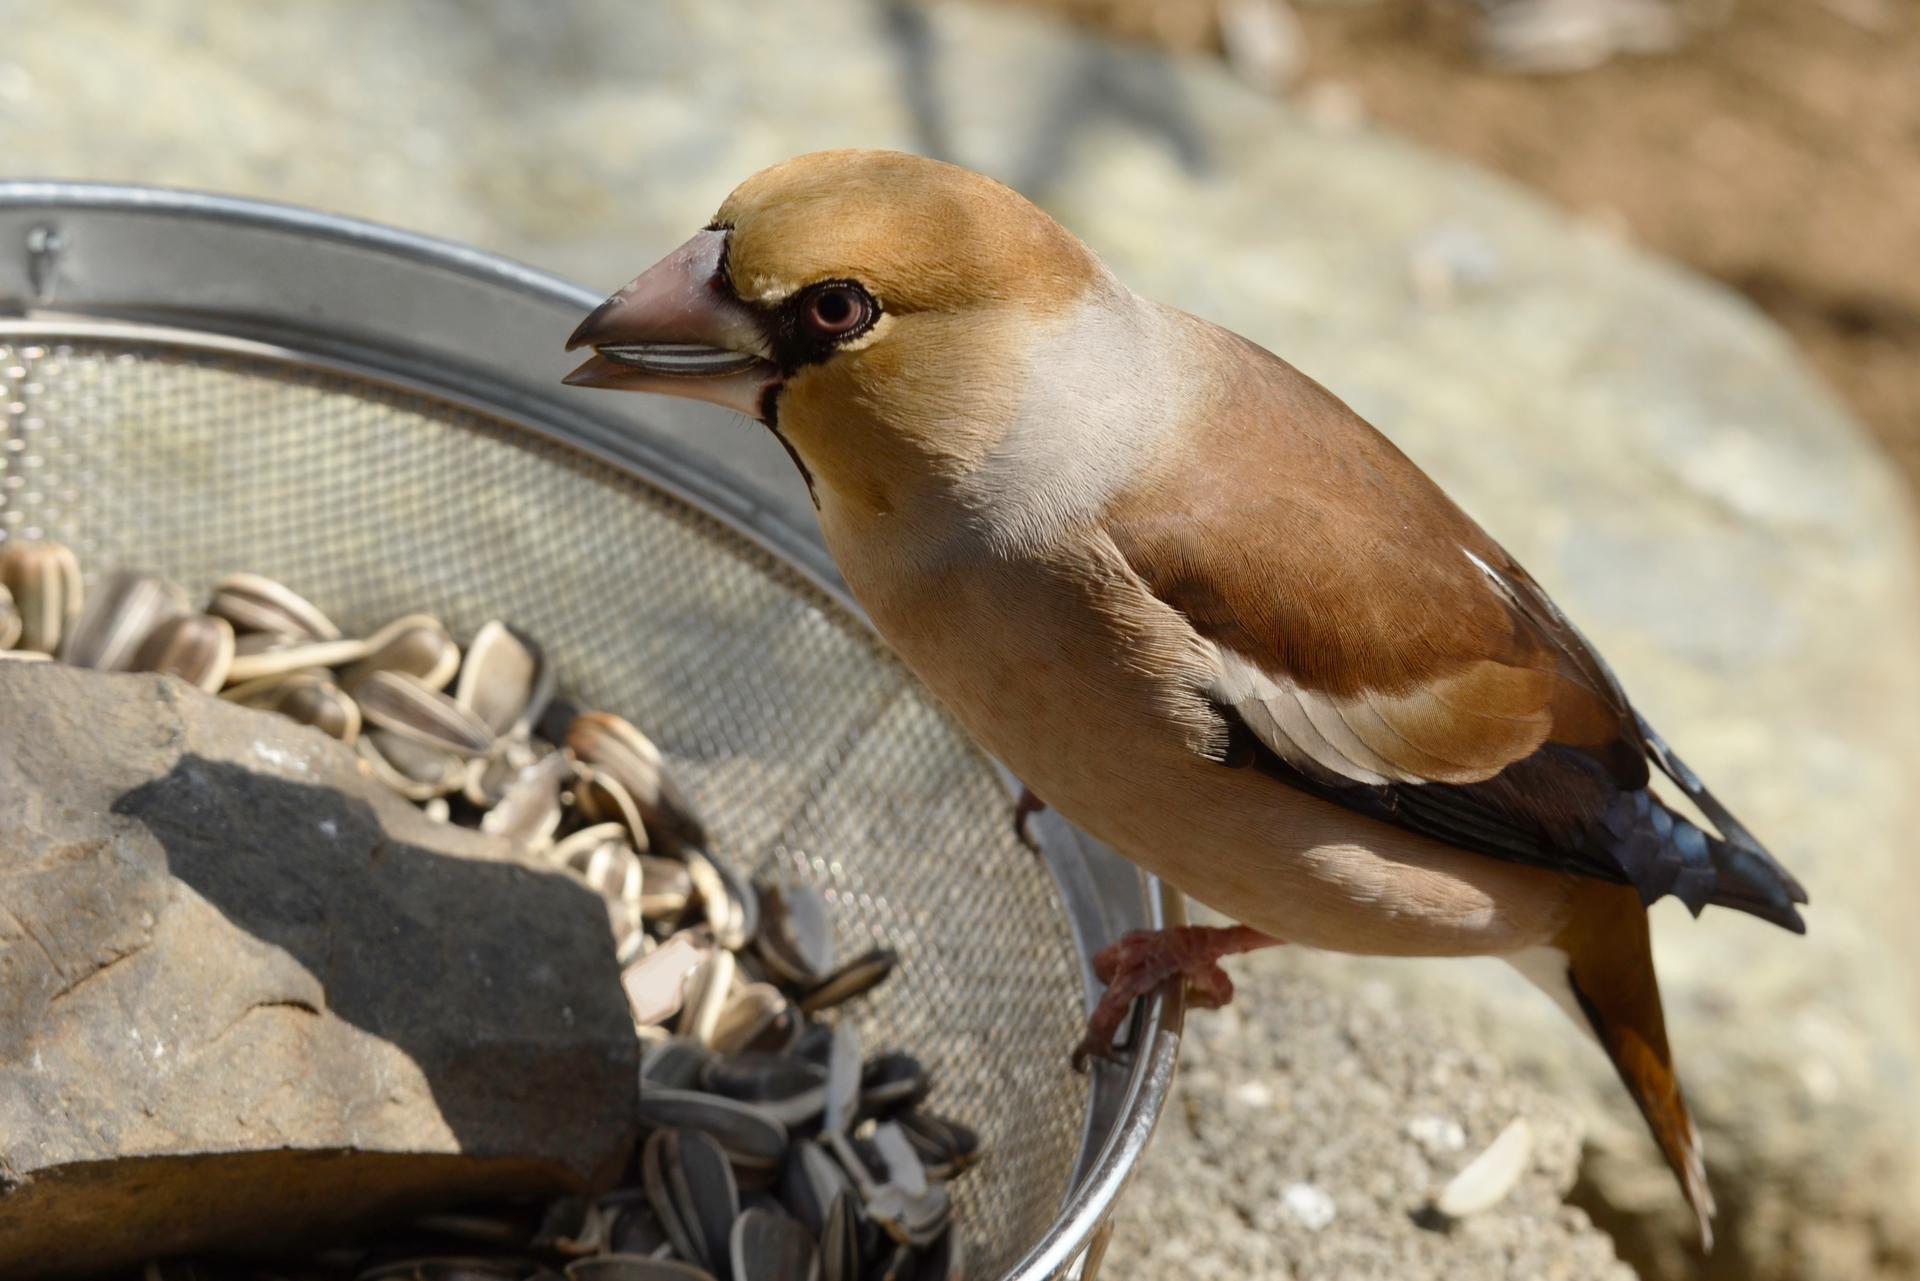 Na fotografii widać grubodzoba siedzącego po lewej stronie, na brzegu naczynia. Ptak jest rudobrązowy, nm gruby, masywny dziób.